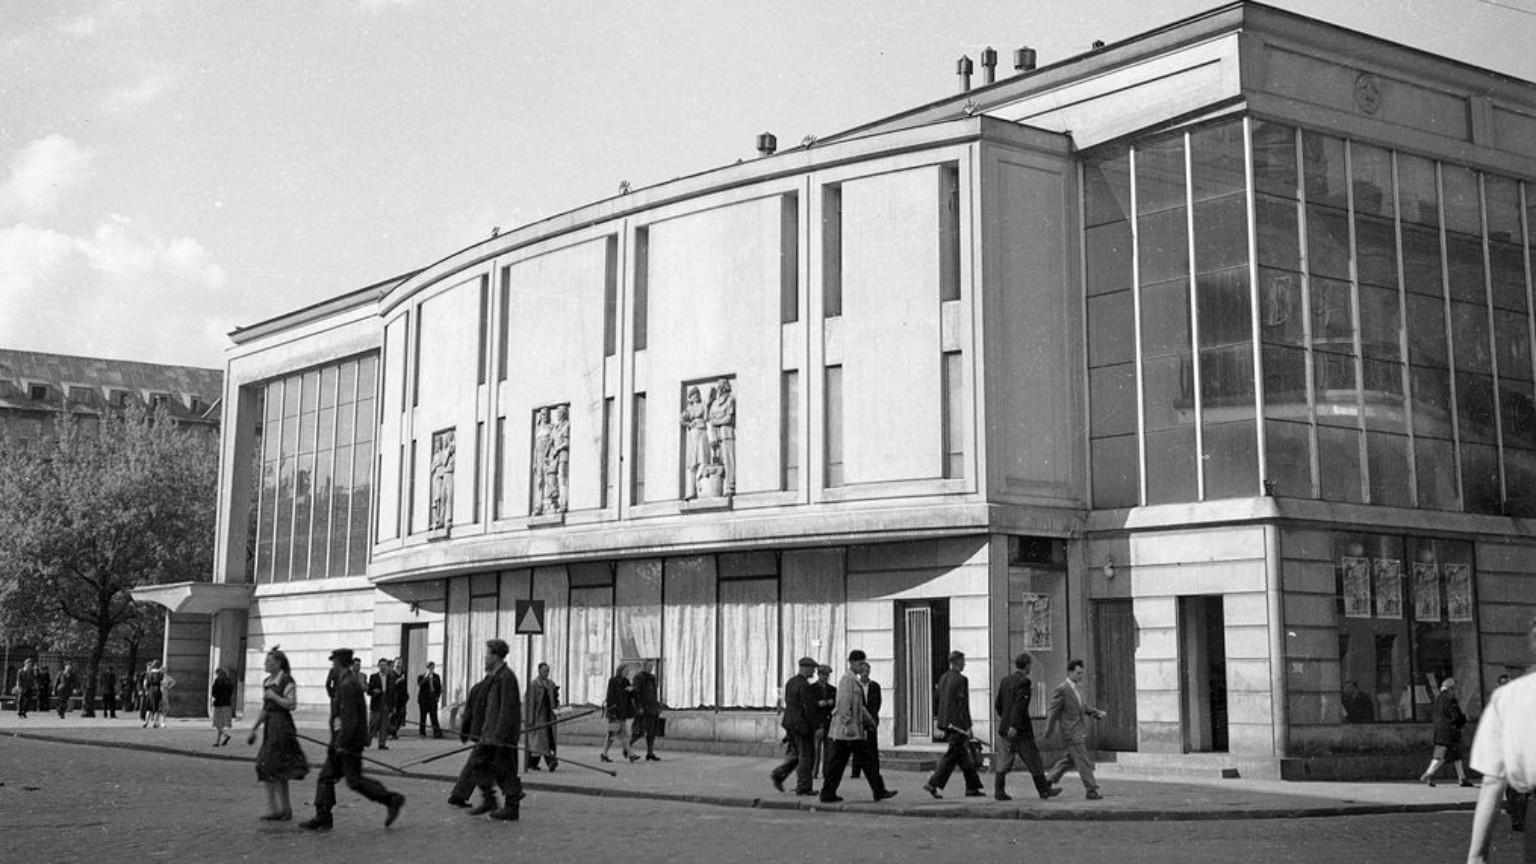 Zdjęcie dla kartki: Otwarcie kina Praha